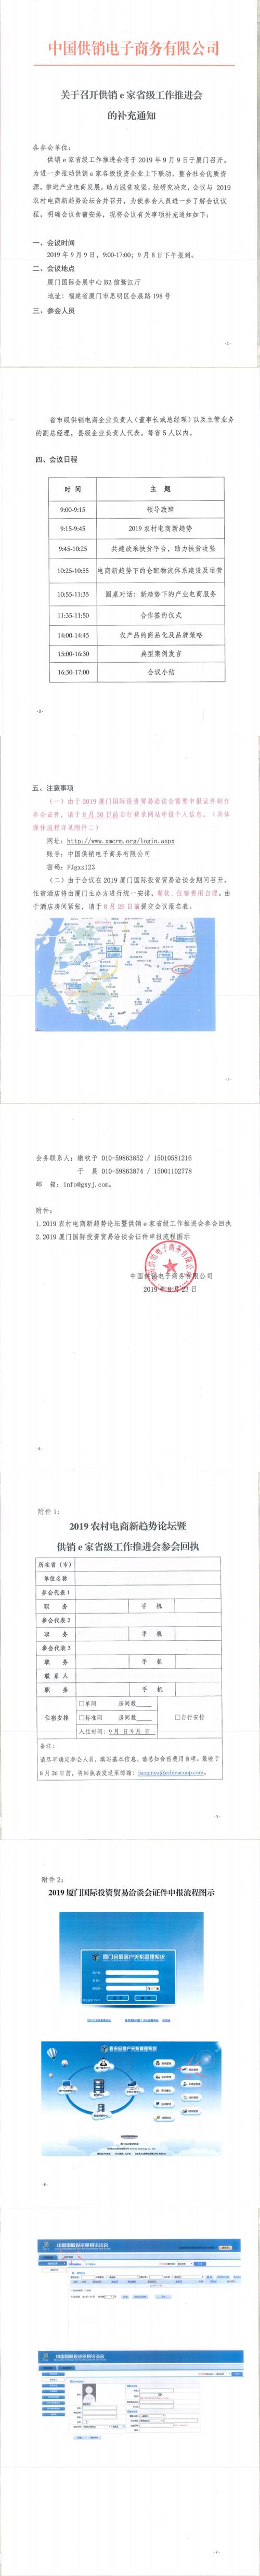 2019供销e家省级工作推进会 补充通知_0_副本.png